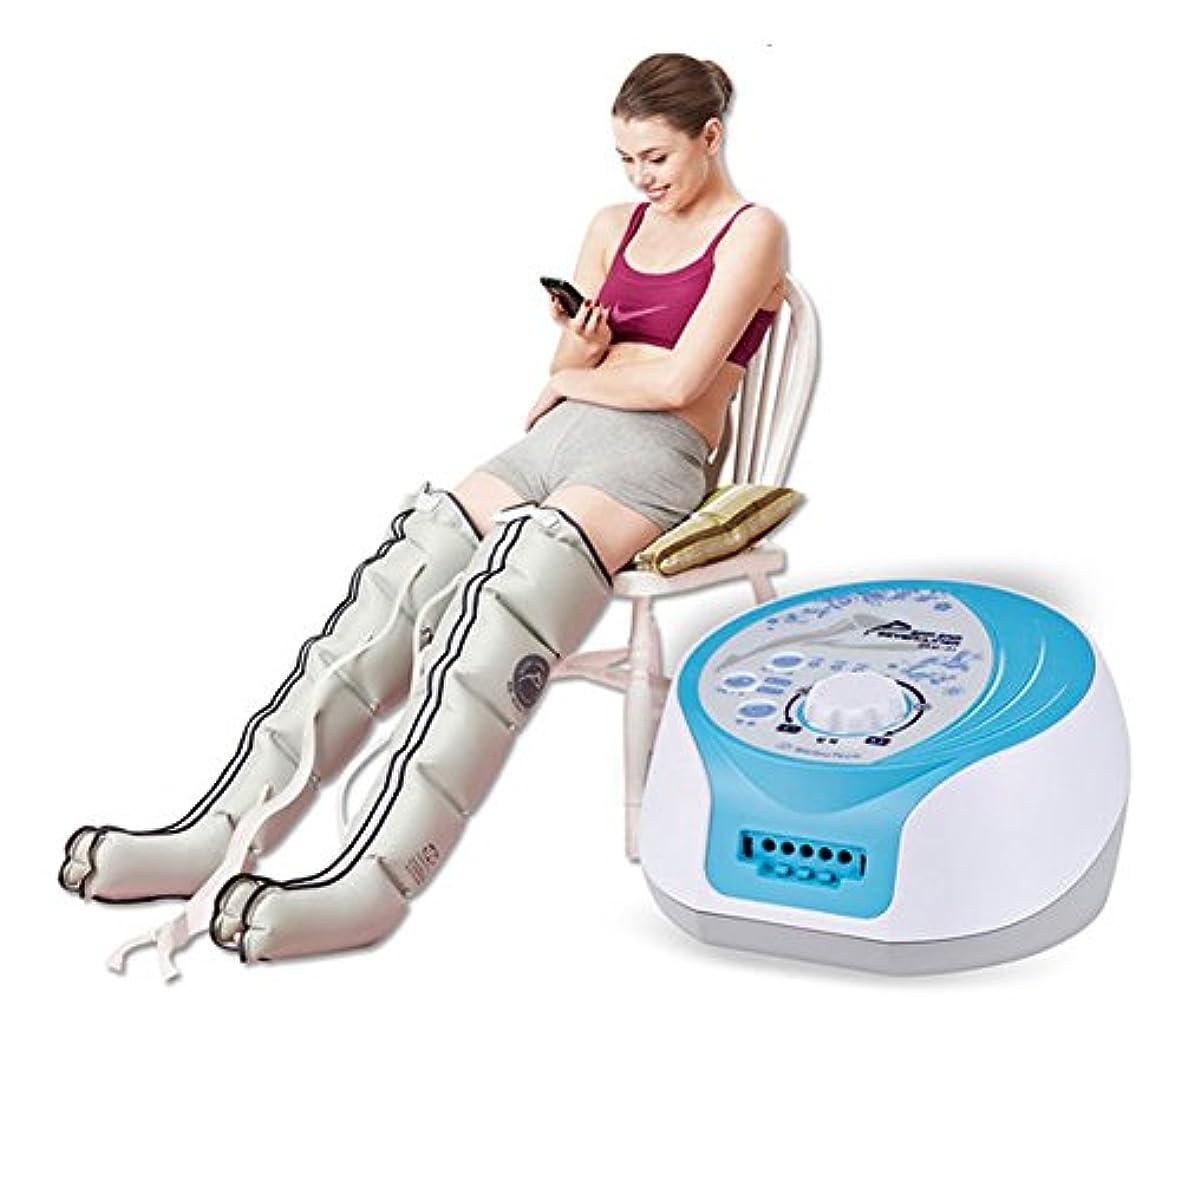 気難しい左モネSeven Liner Zam Zam 01 Electronic Air Pressure Leg Massager 電子脚マッサージャー 空気圧マッサージ器 [海外並行輸入品]